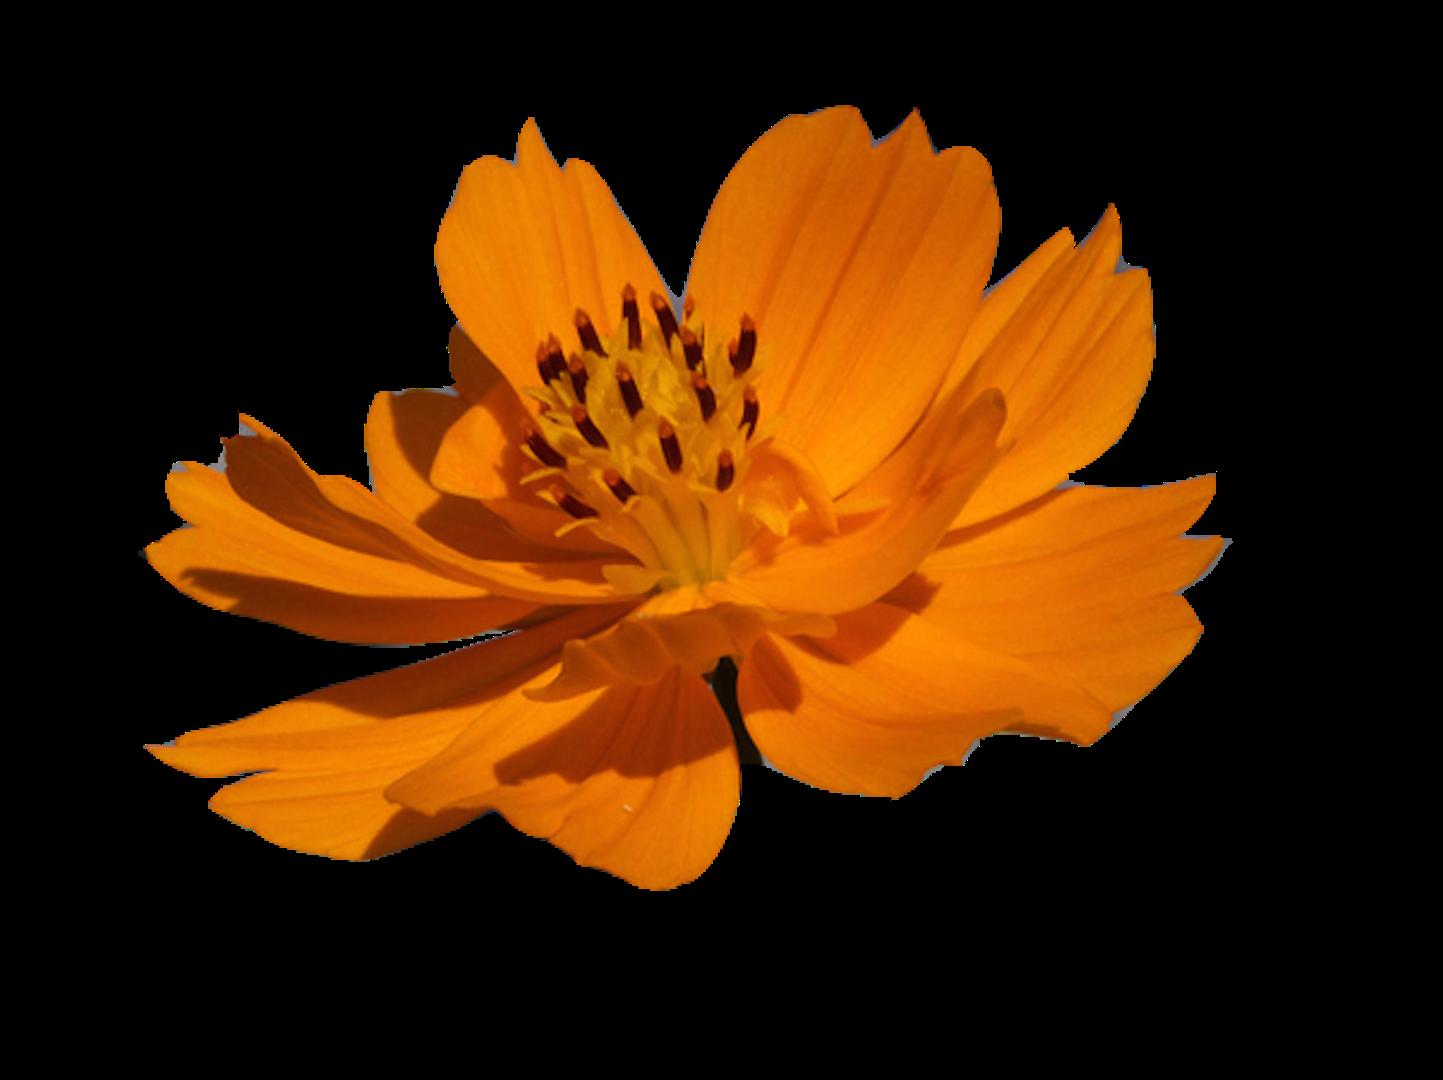 c0-20-flower-1